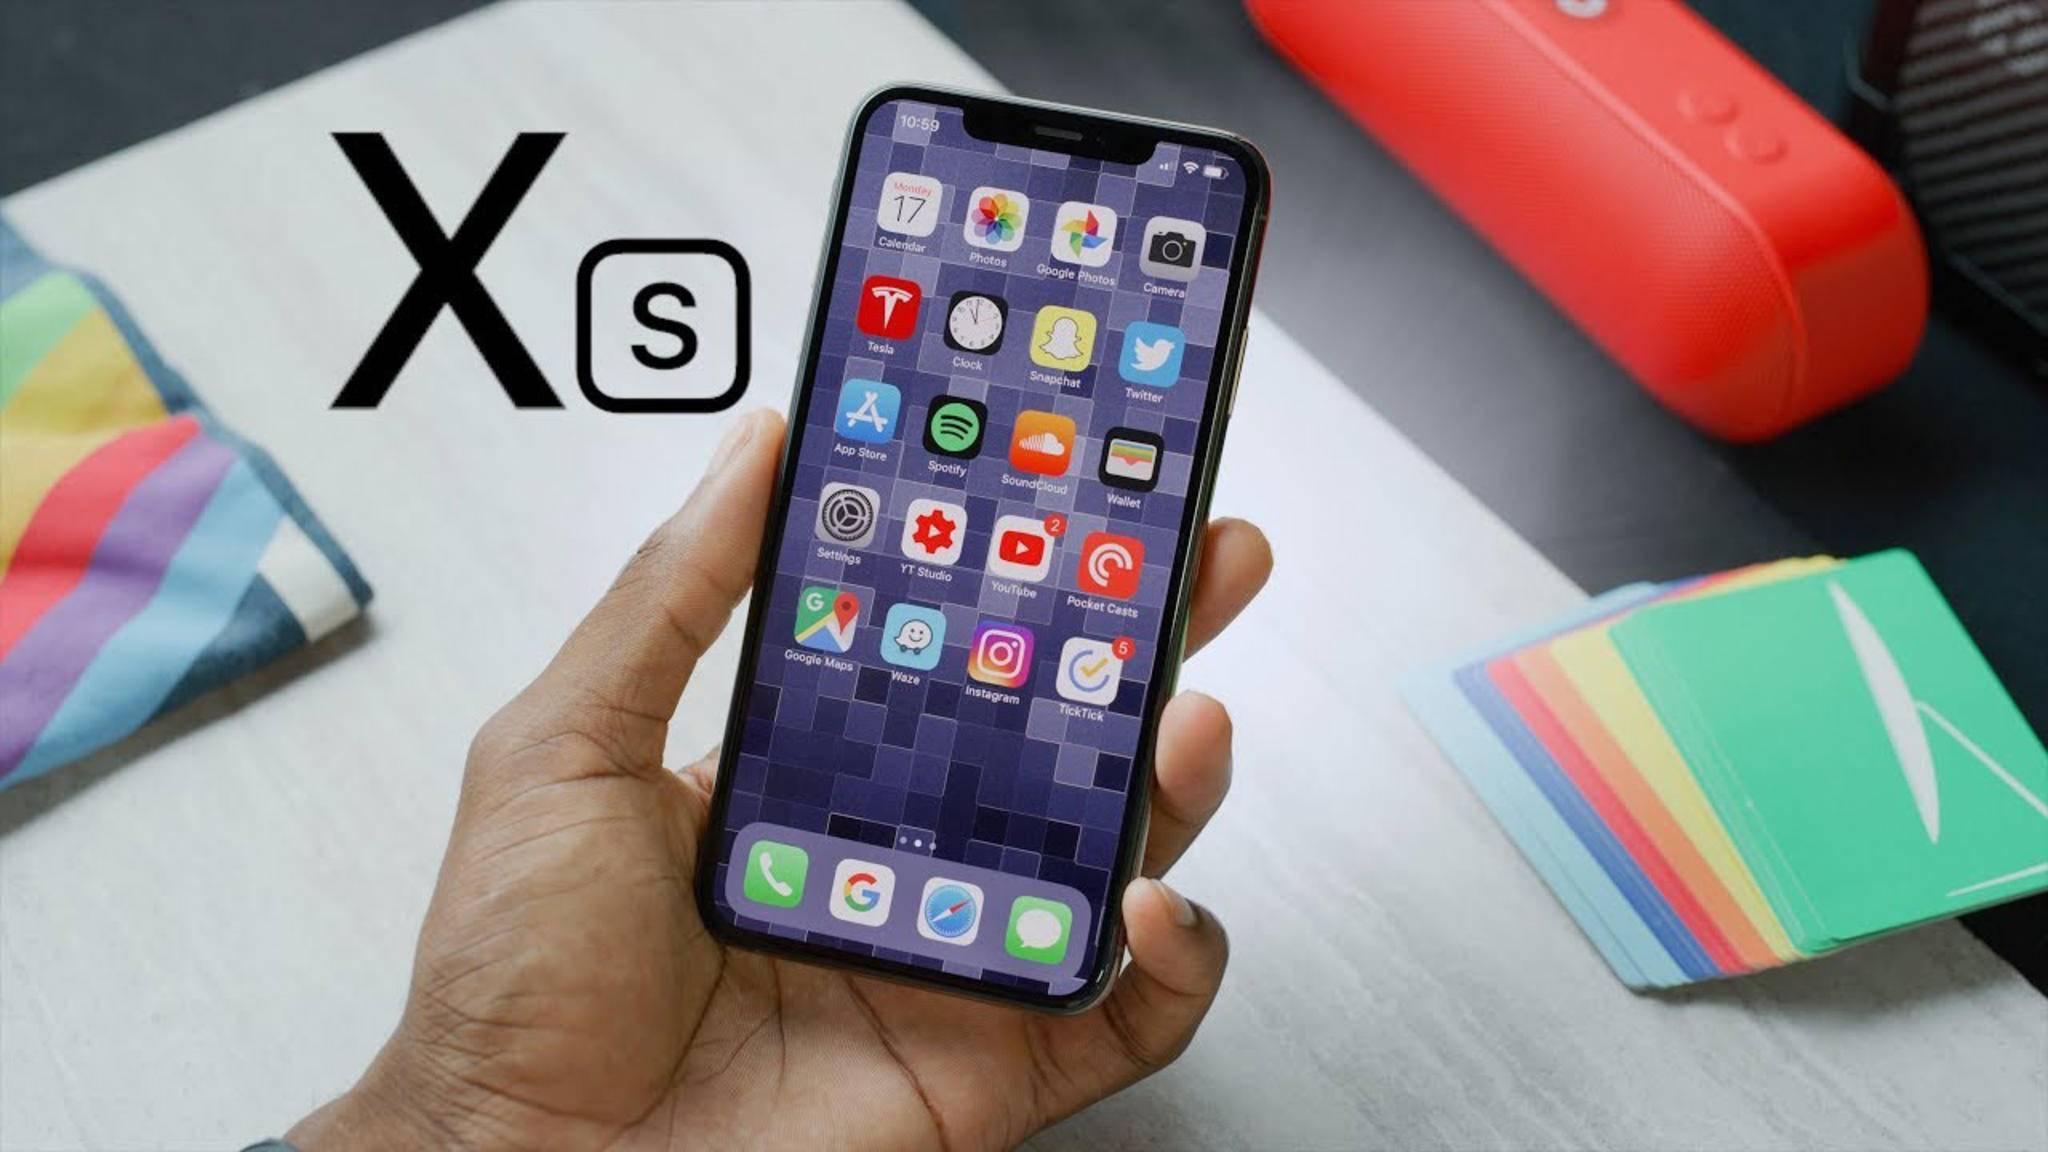 Das iPhone XS hat tolle Features, leistet sich aber auch ein paar Patzer.